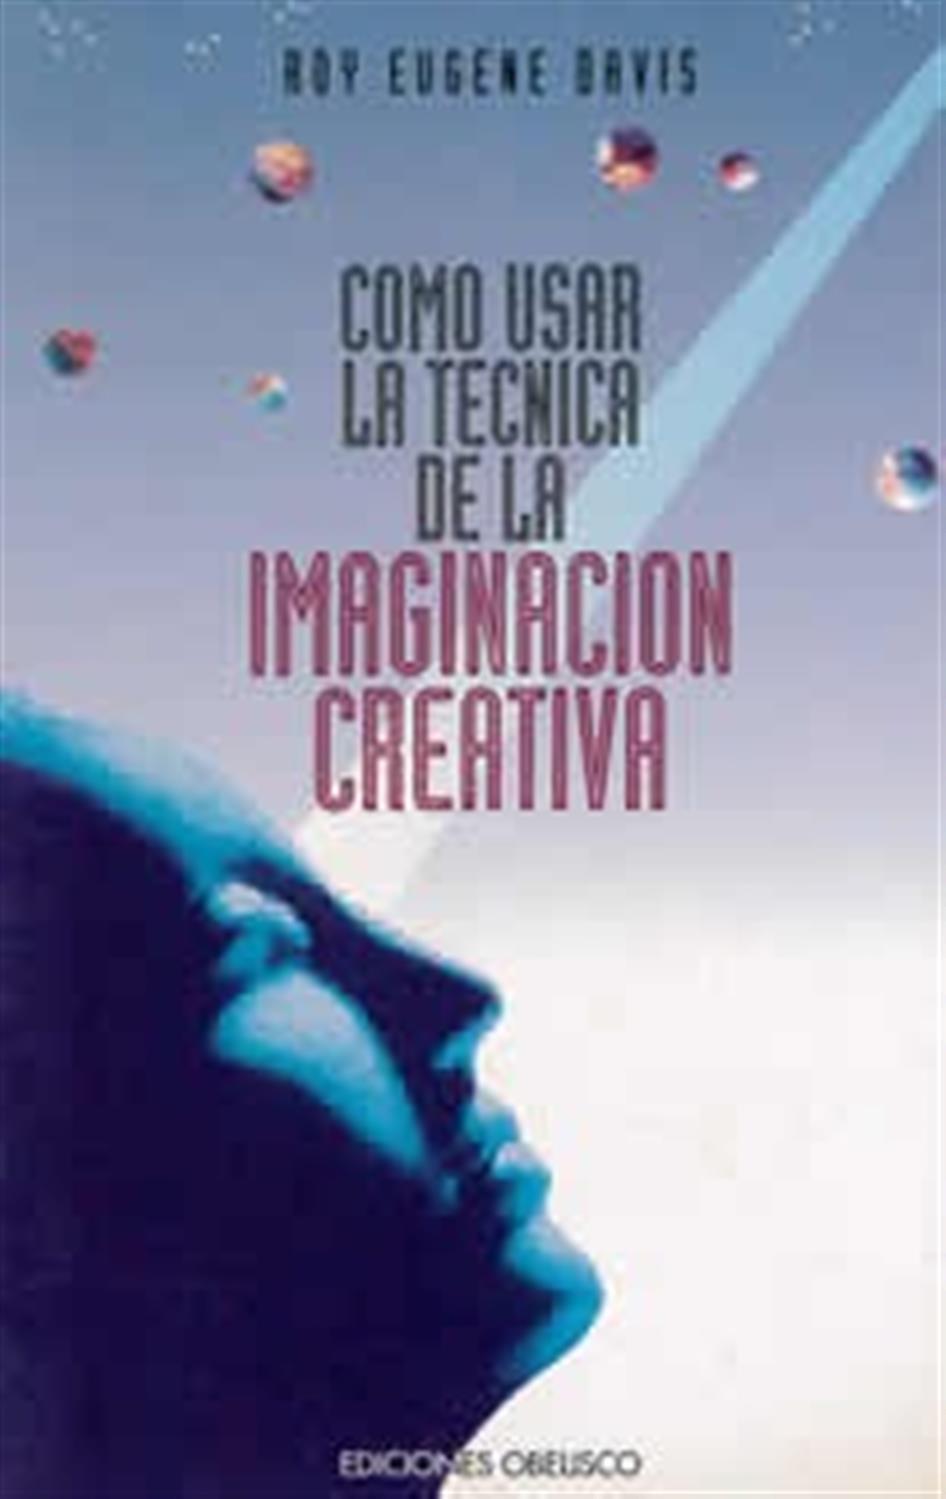 Cómo usar la tecnica de la imaginación creativa